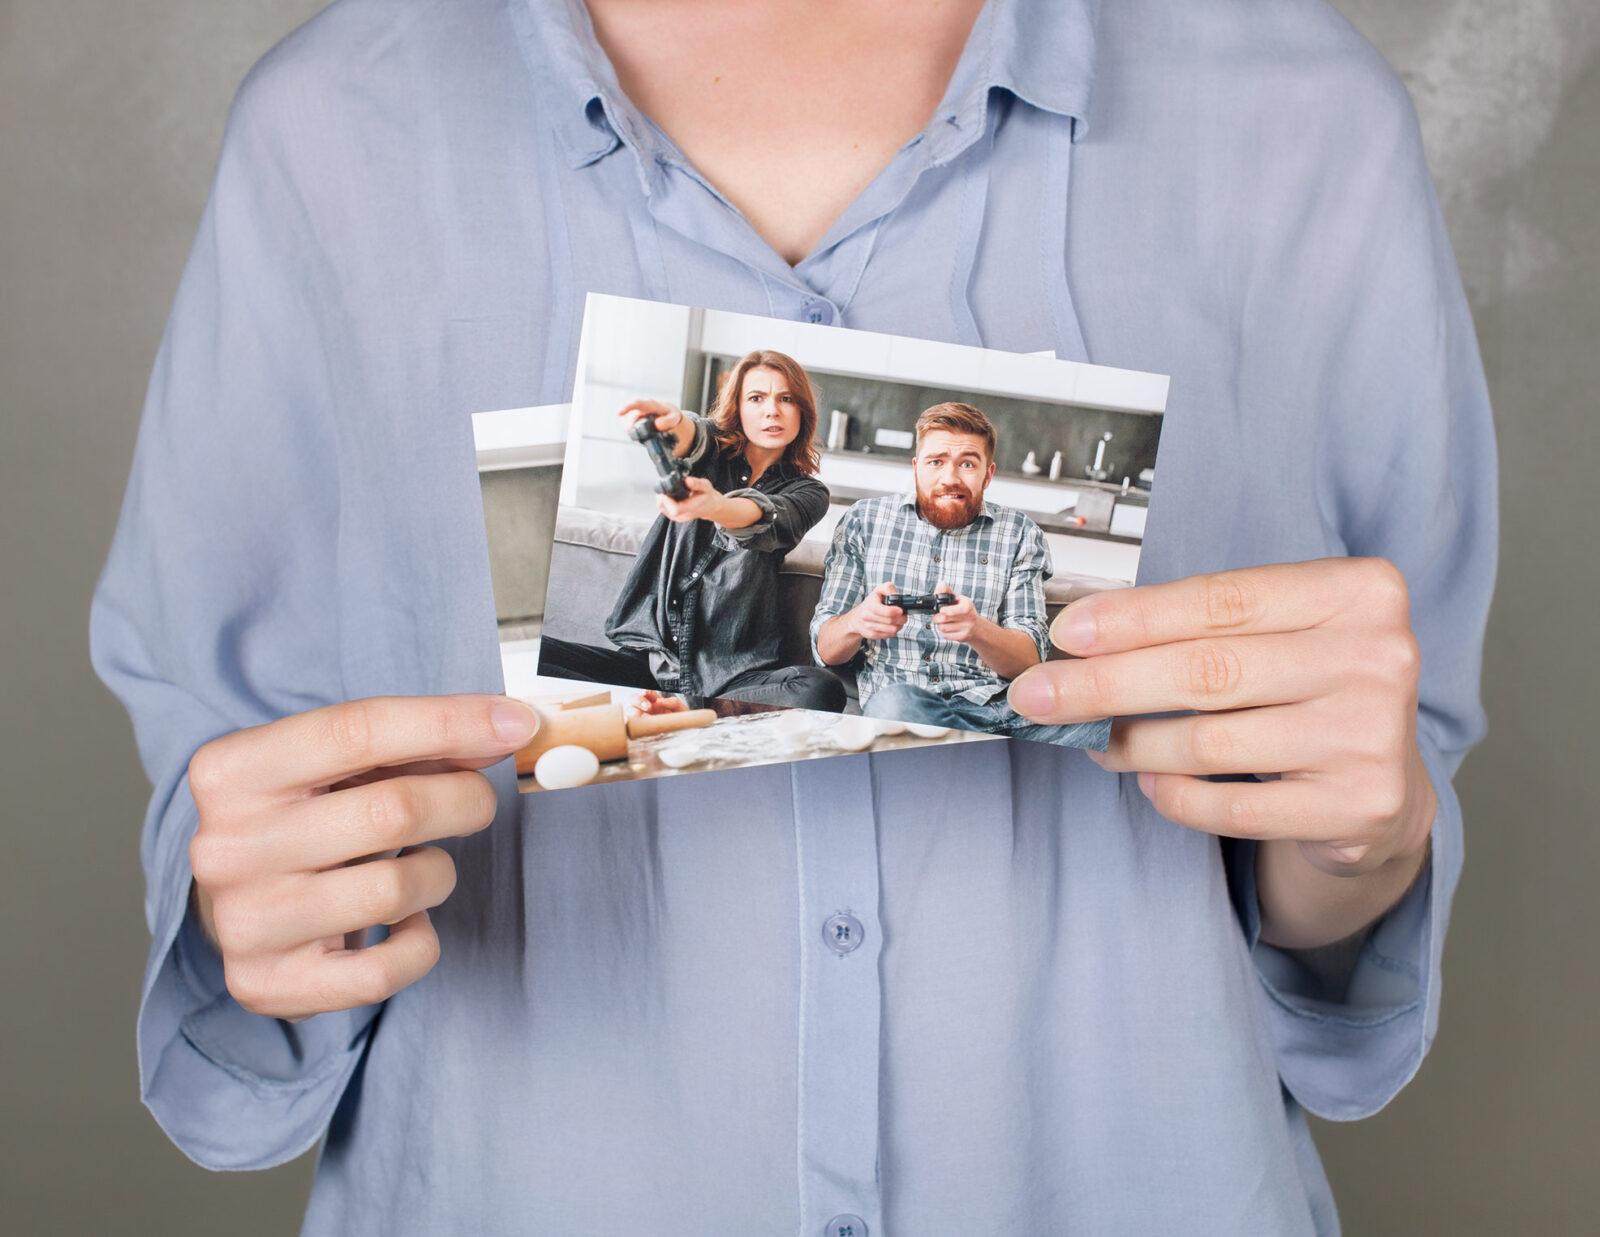 профессиональная печать фотографий москва начал свою деятельность